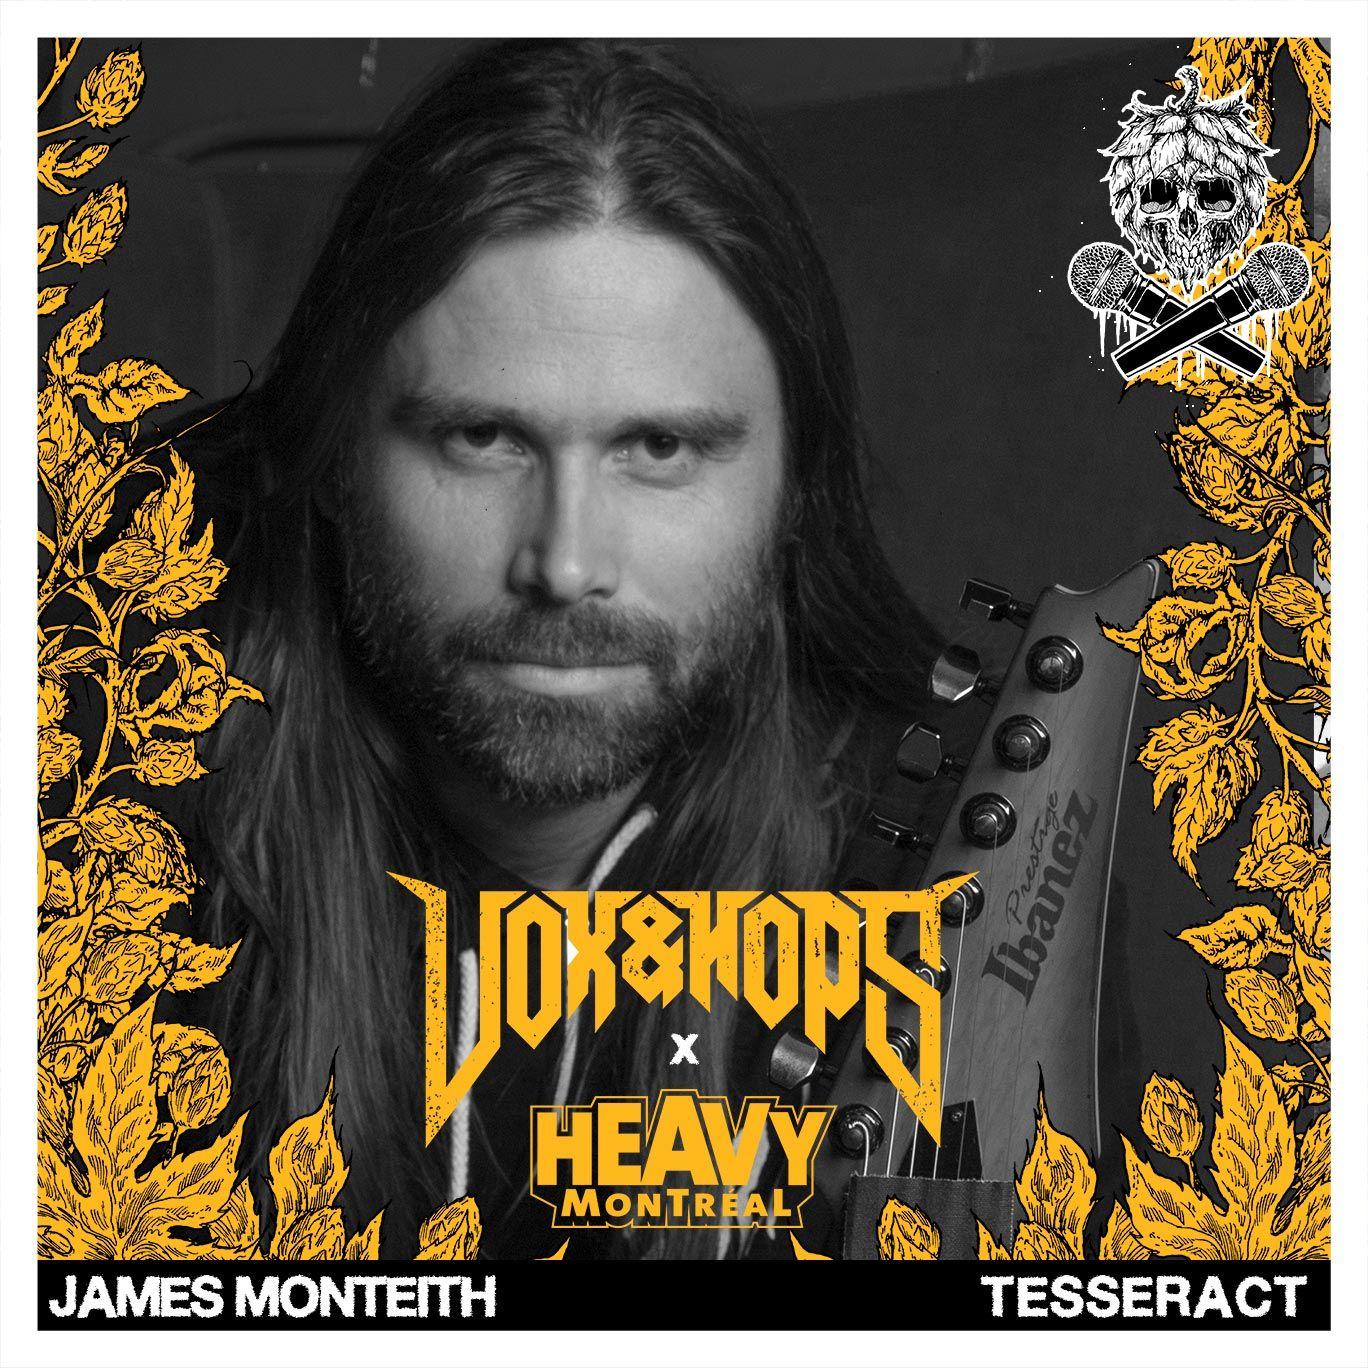 James Monteith (TesseracT)